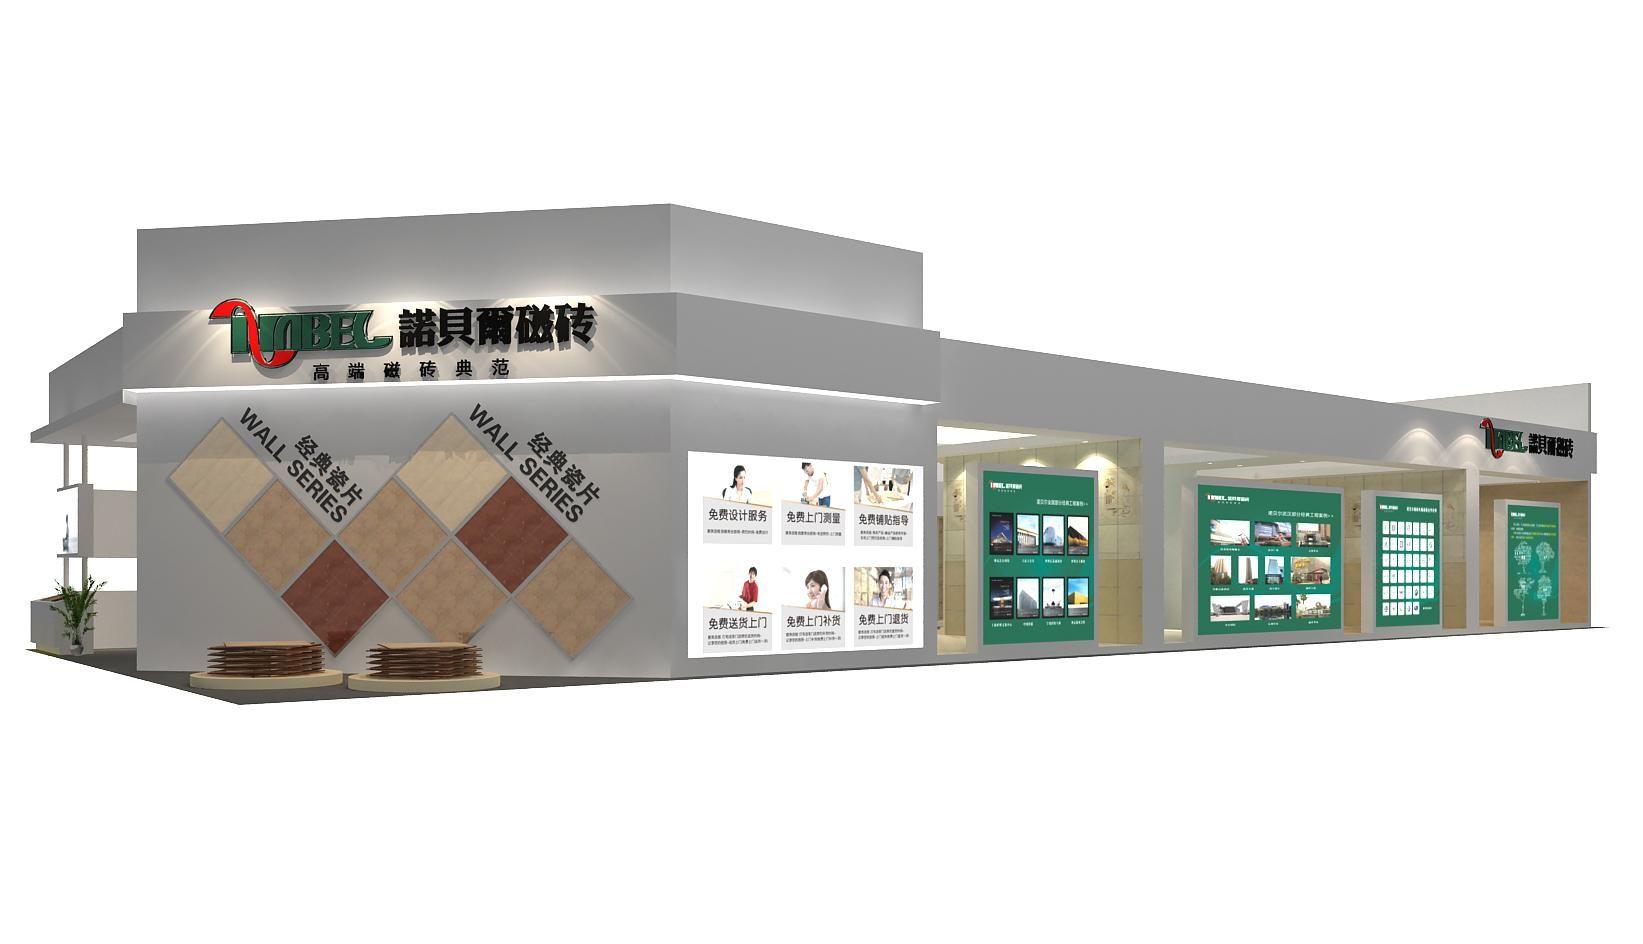 诺贝尔瓷砖 诺贝尔瓷砖 设计案例高清图片